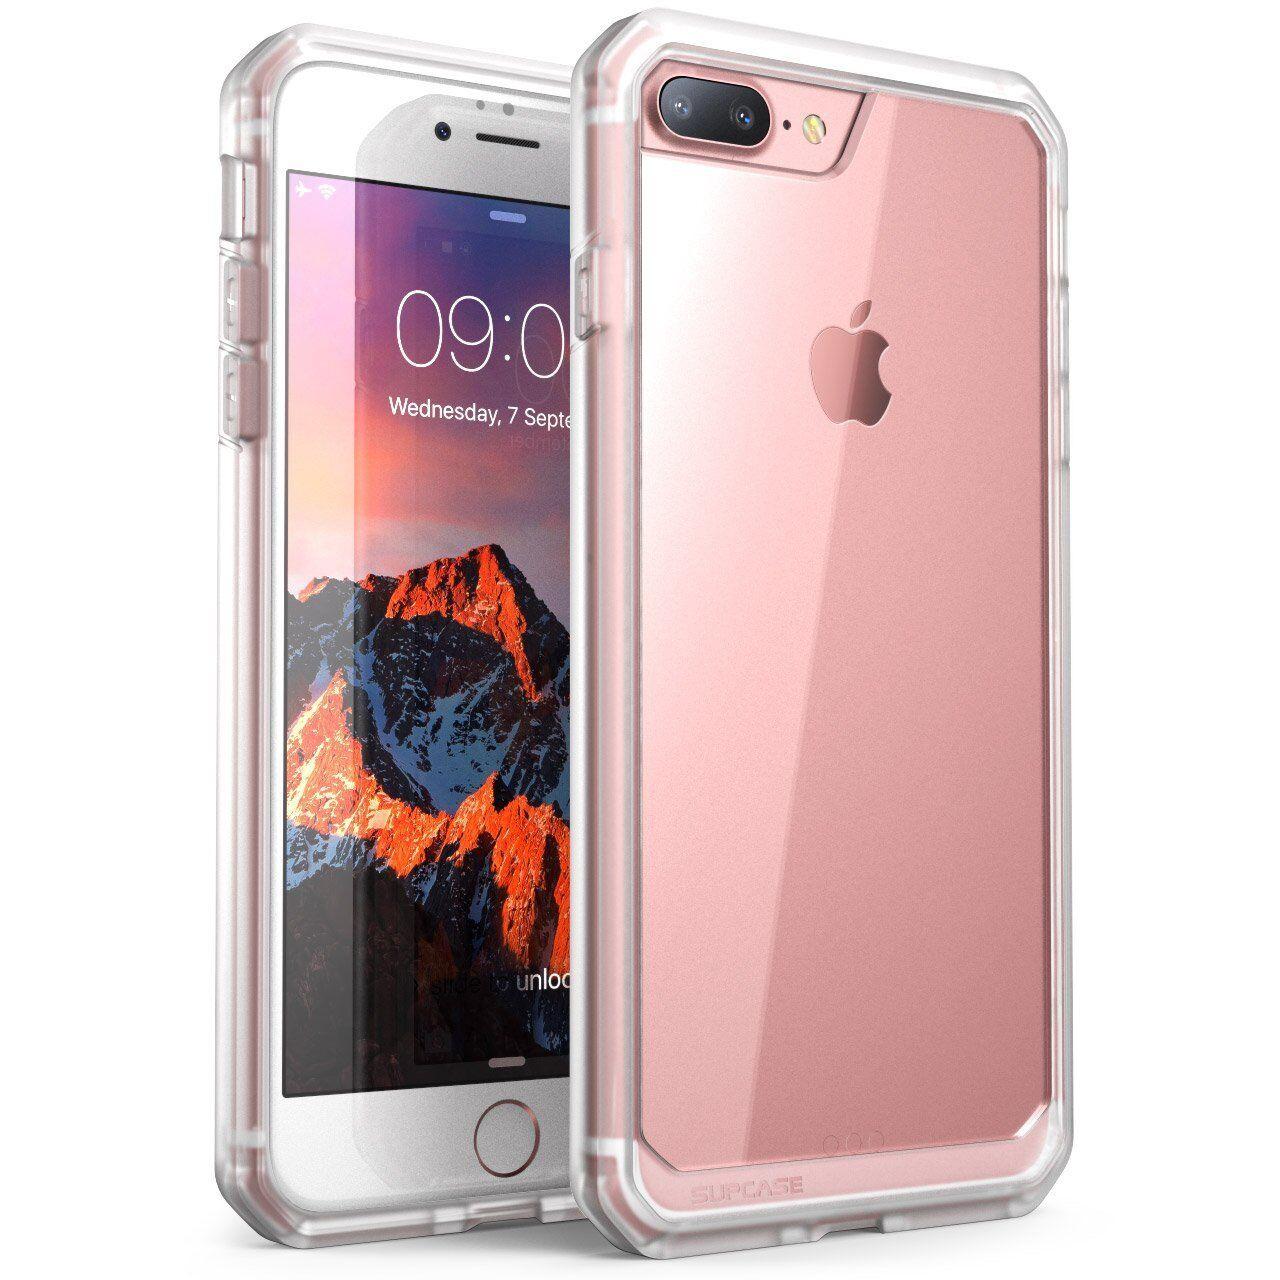 iphone 7 shockproof case unicorn